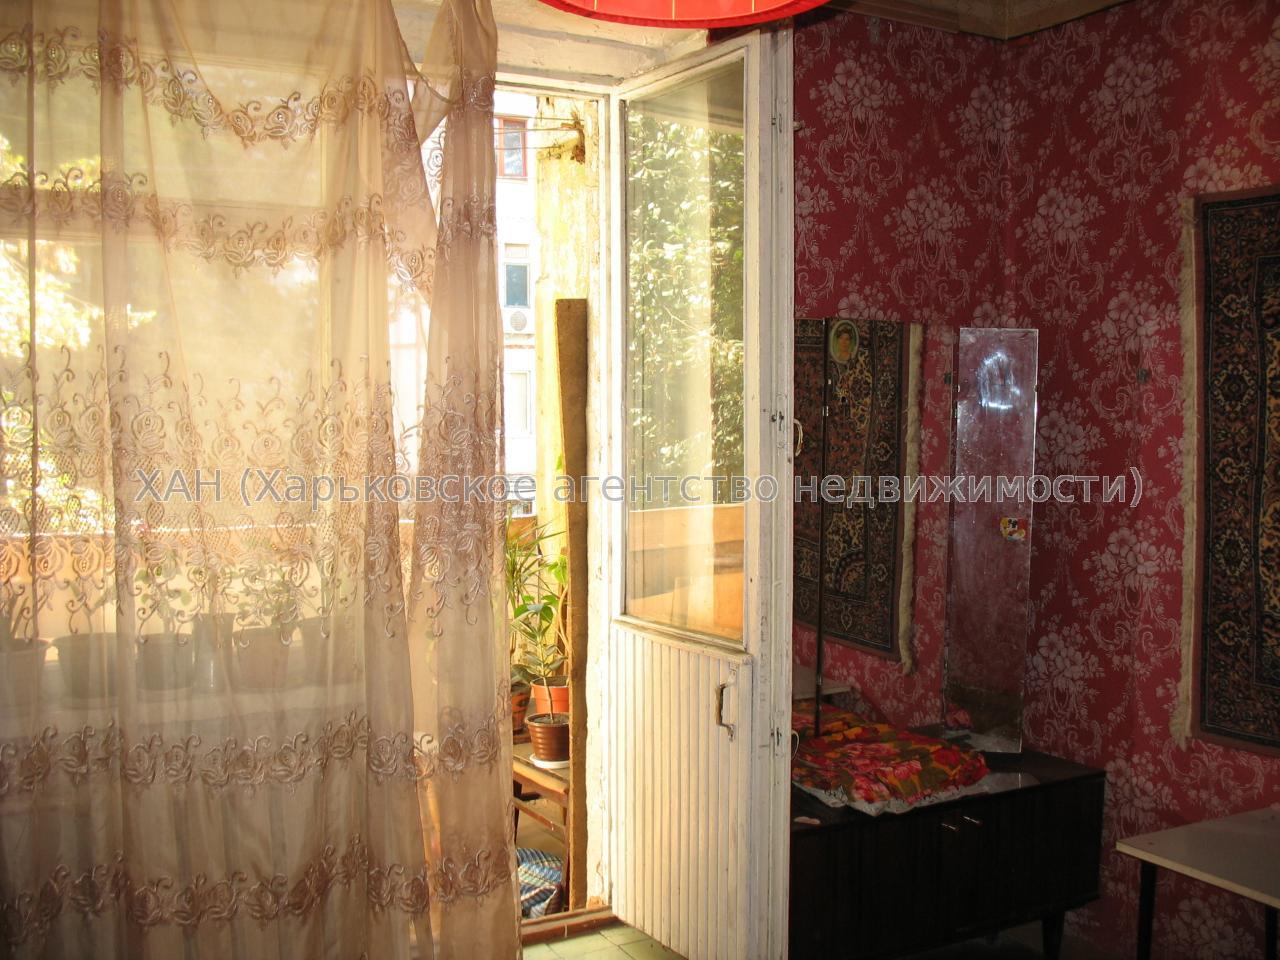 Фото 2 - Продам квартиру Харьков, Гагарина просп.